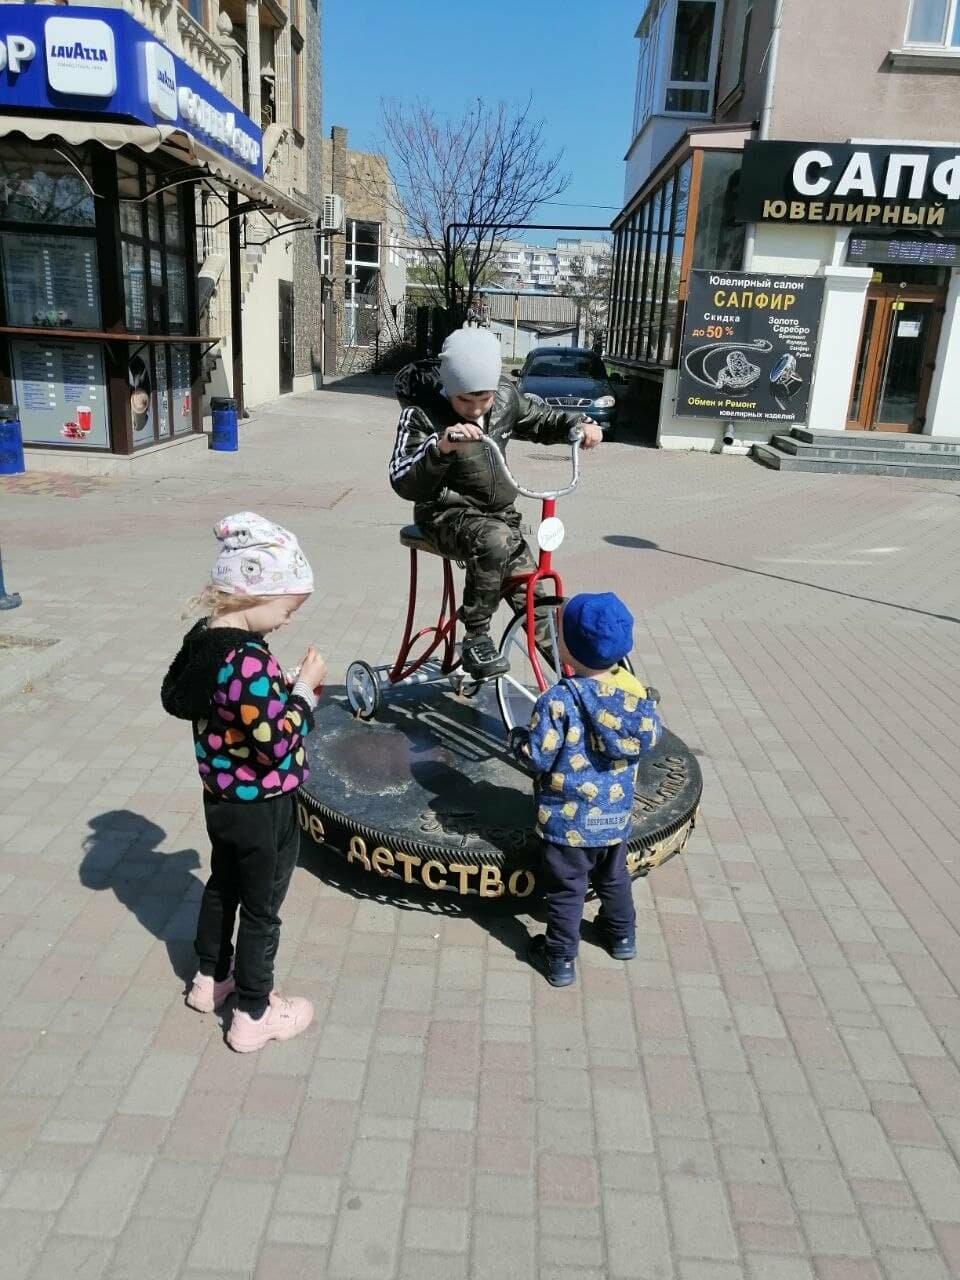 Бердянск встретил Первомай открытием фонтанов и летних площадок (ФОТО), фото-10